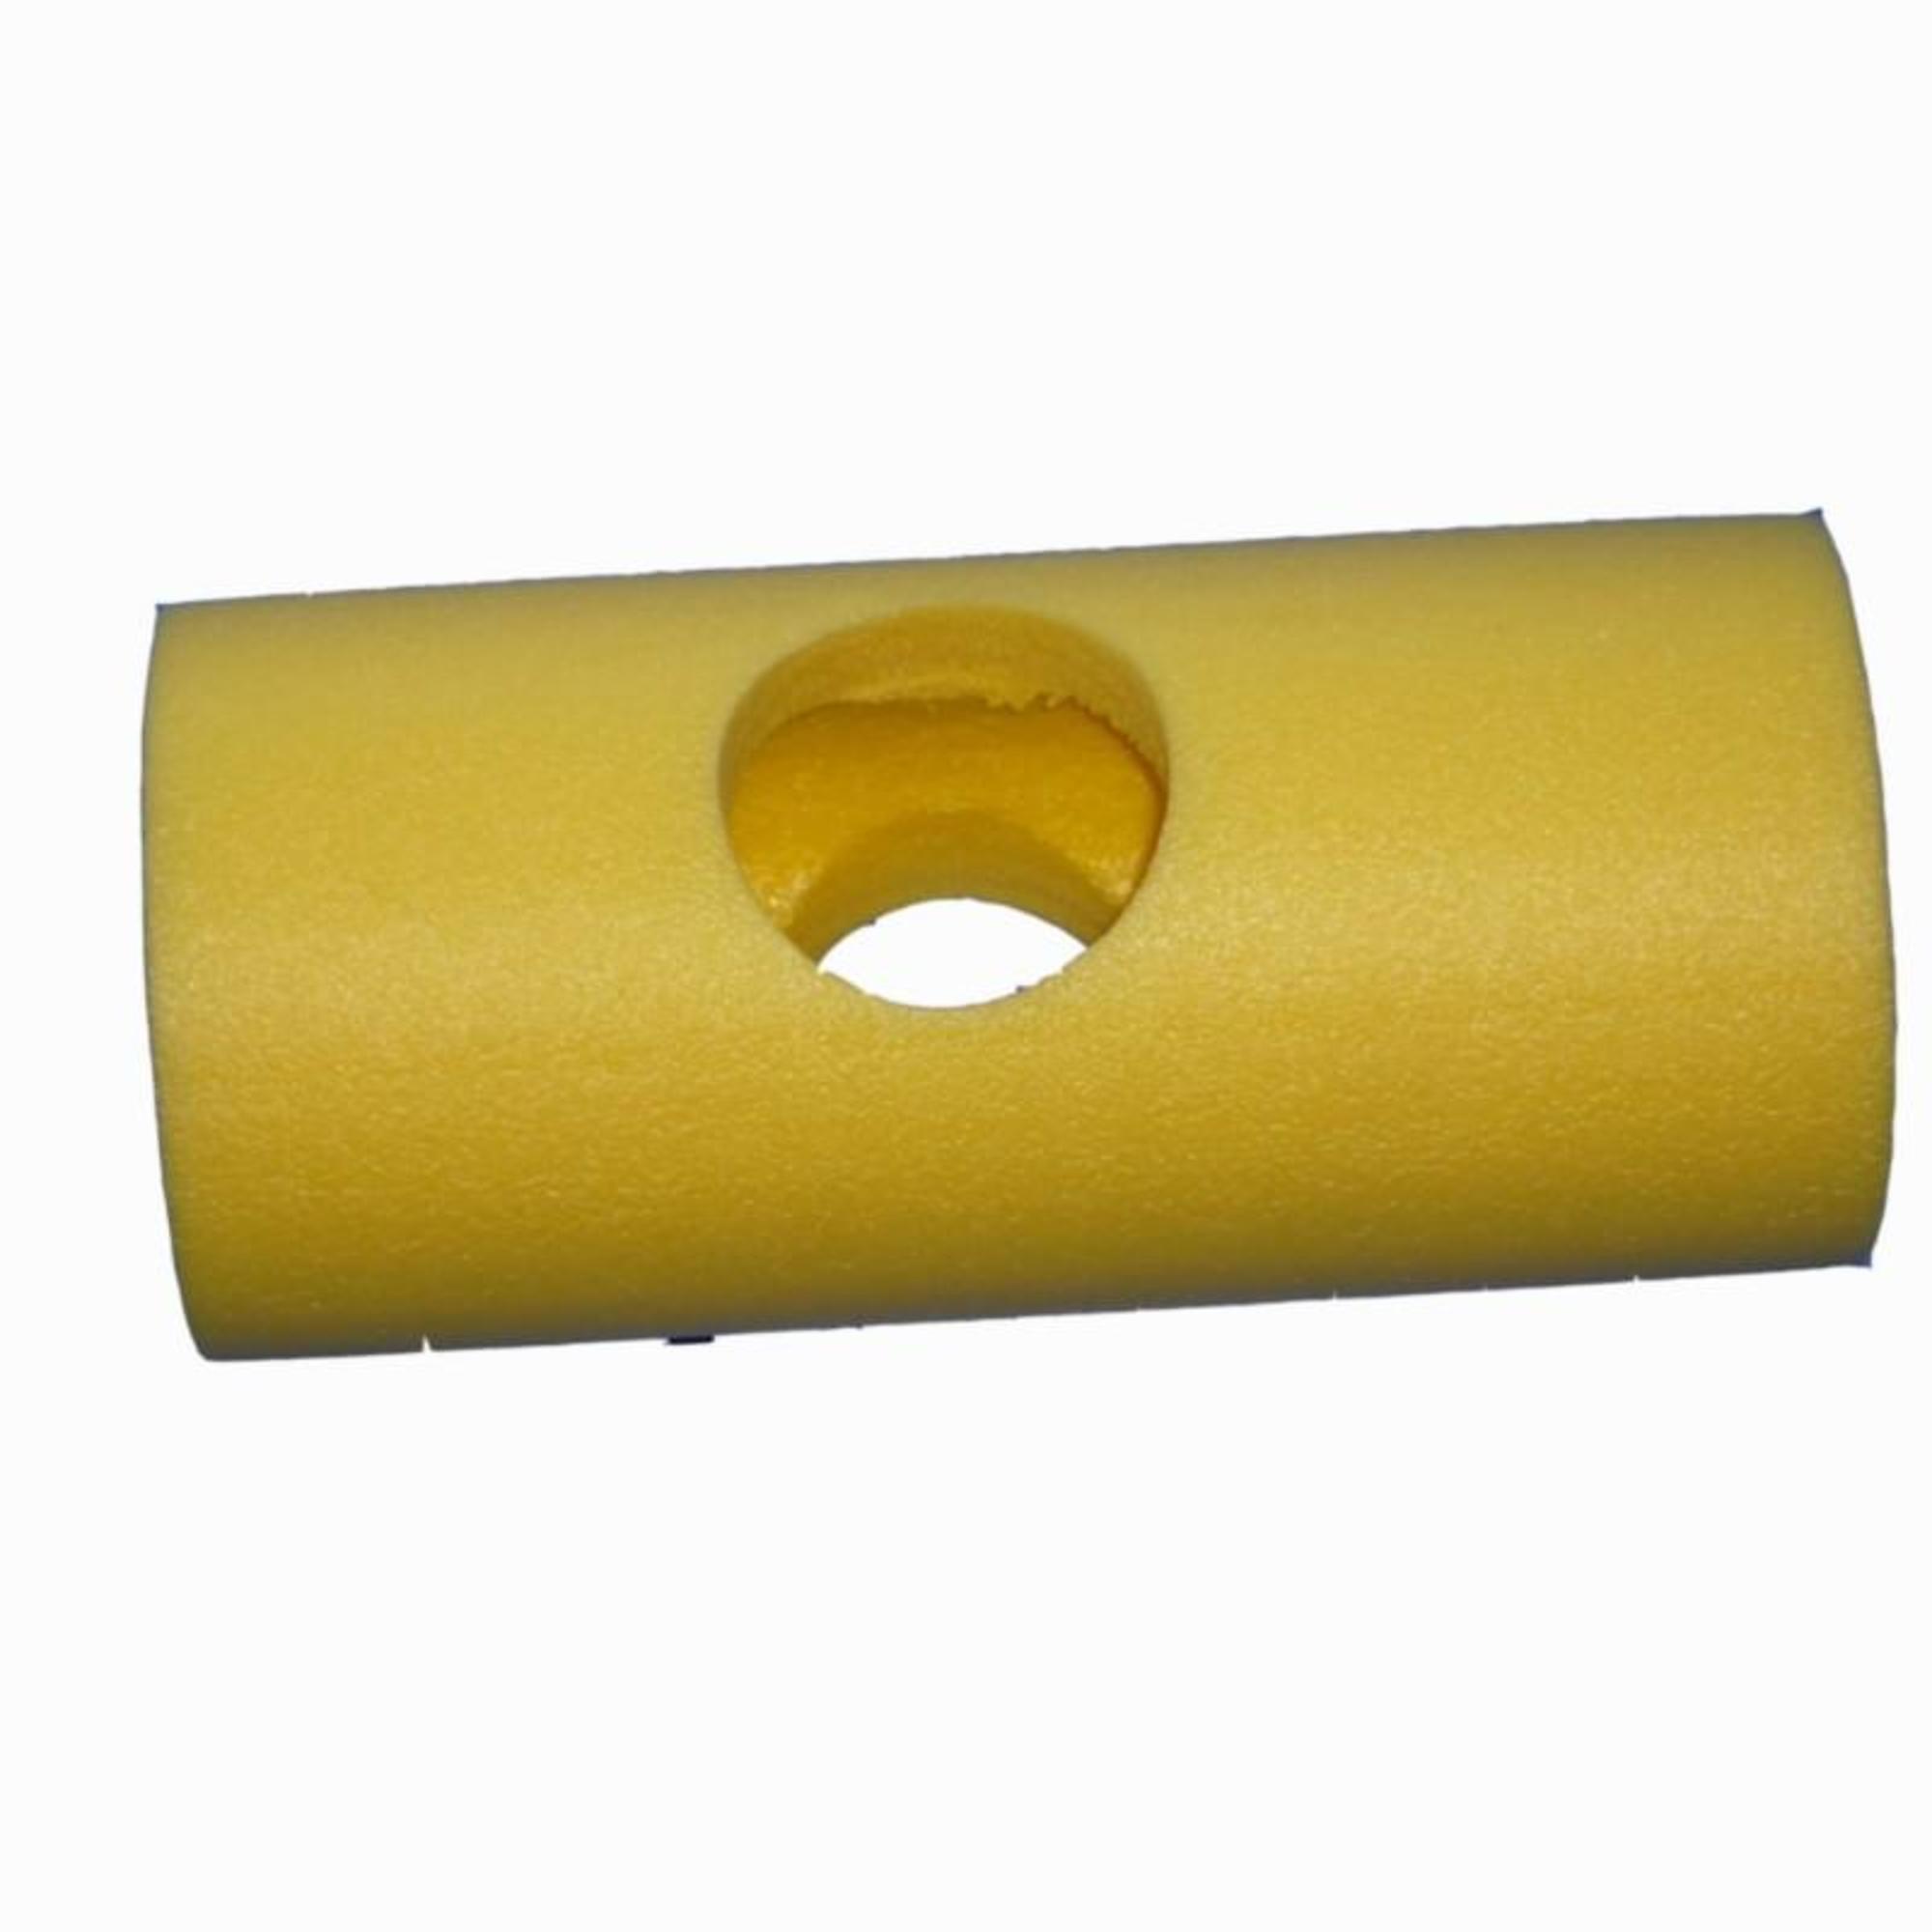 Verbindungsstück Schwimmnudel Schaumstoff gelb | 03583782442314